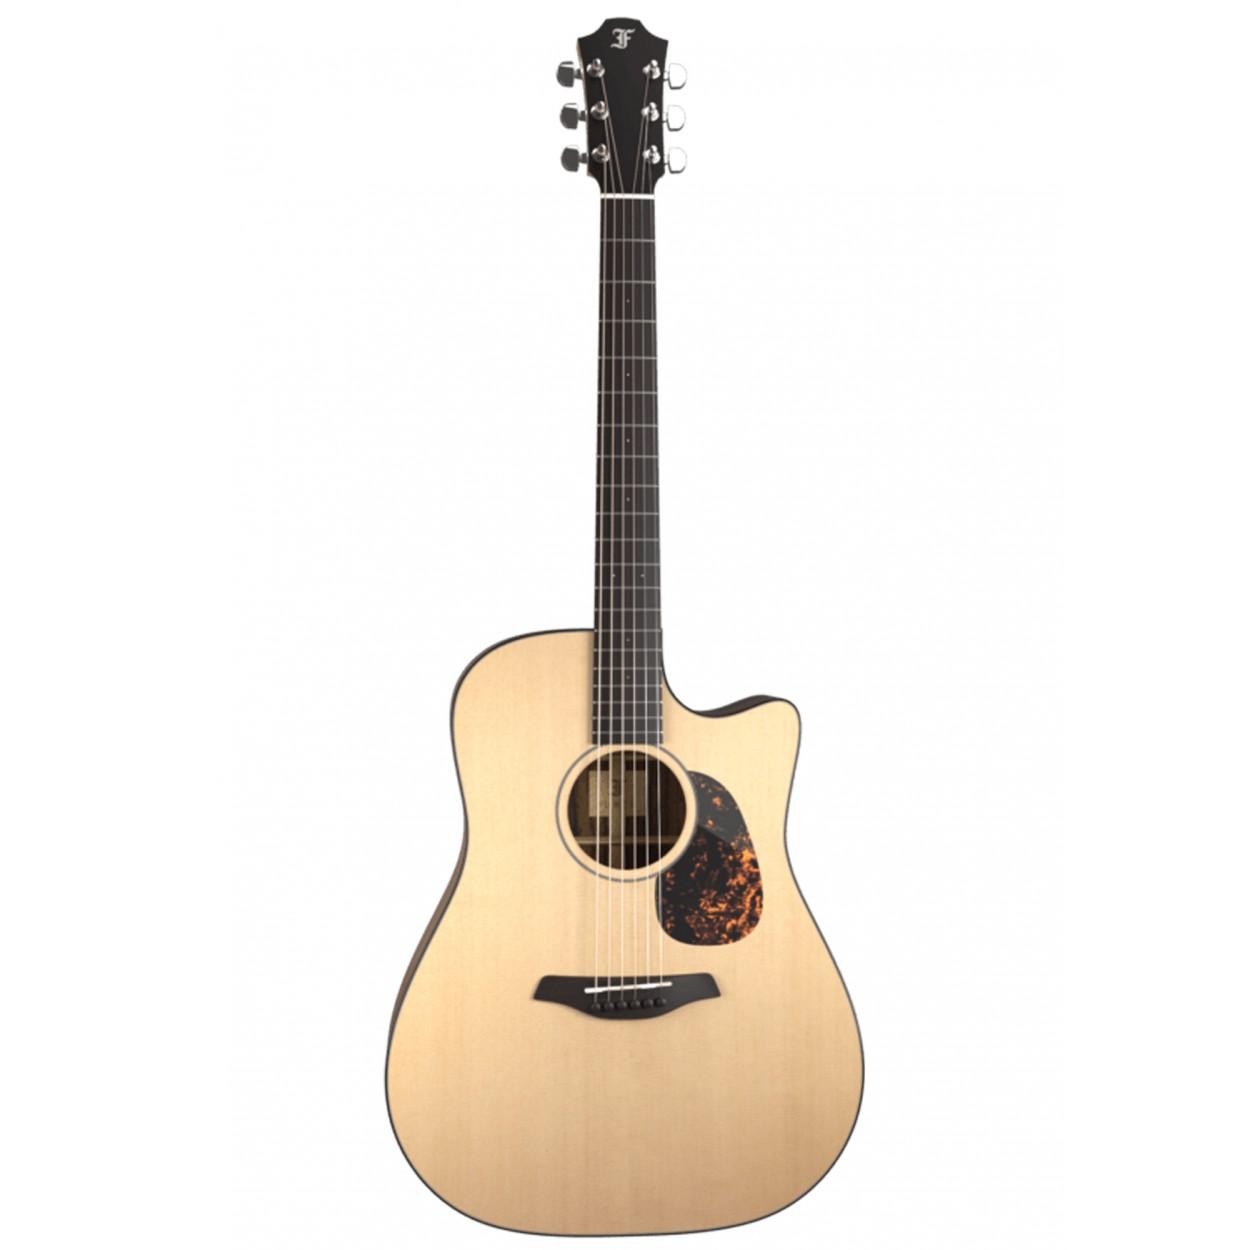 Furch Blue Dc SA Dreadnought Cutaway Acoustic Guitar